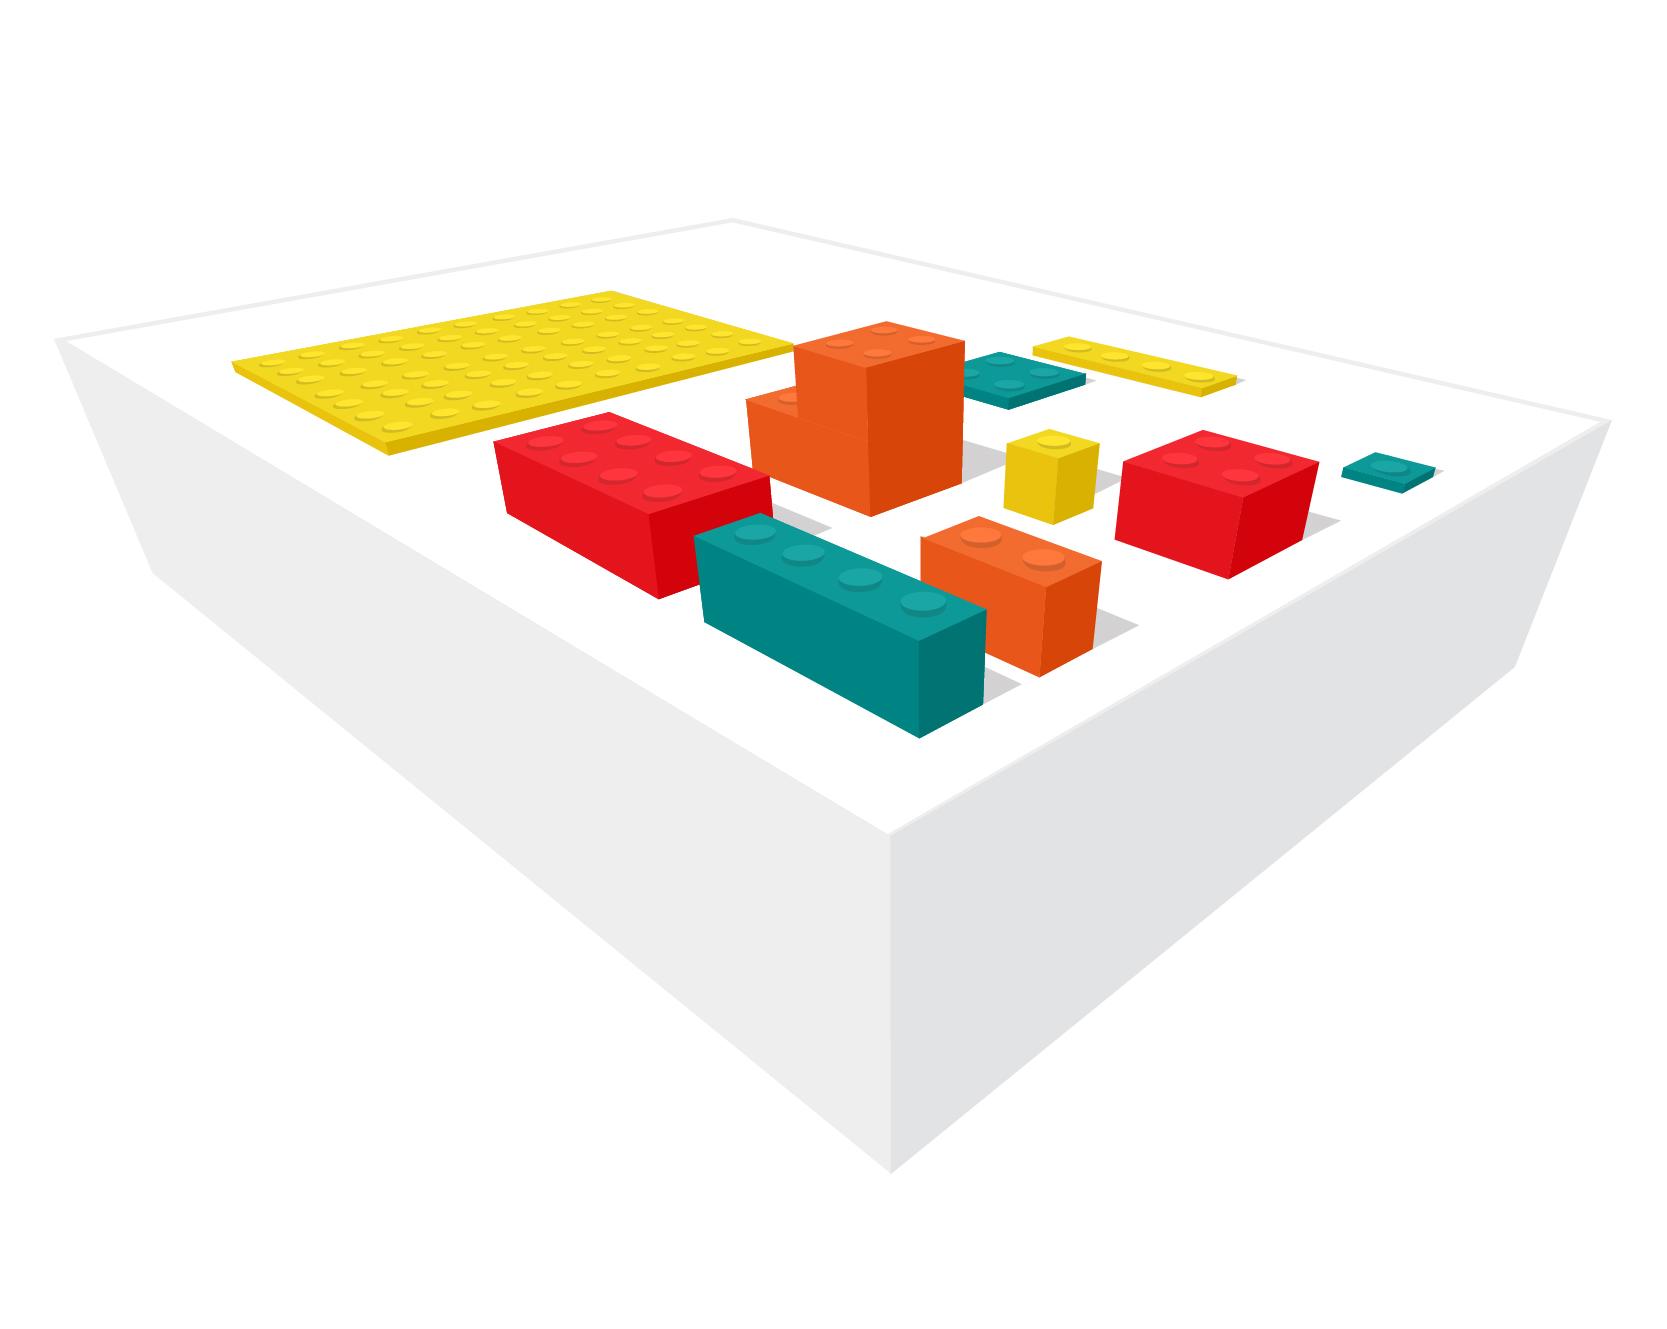 Integrationer med API:er som byggklossar. Bild: Freepik